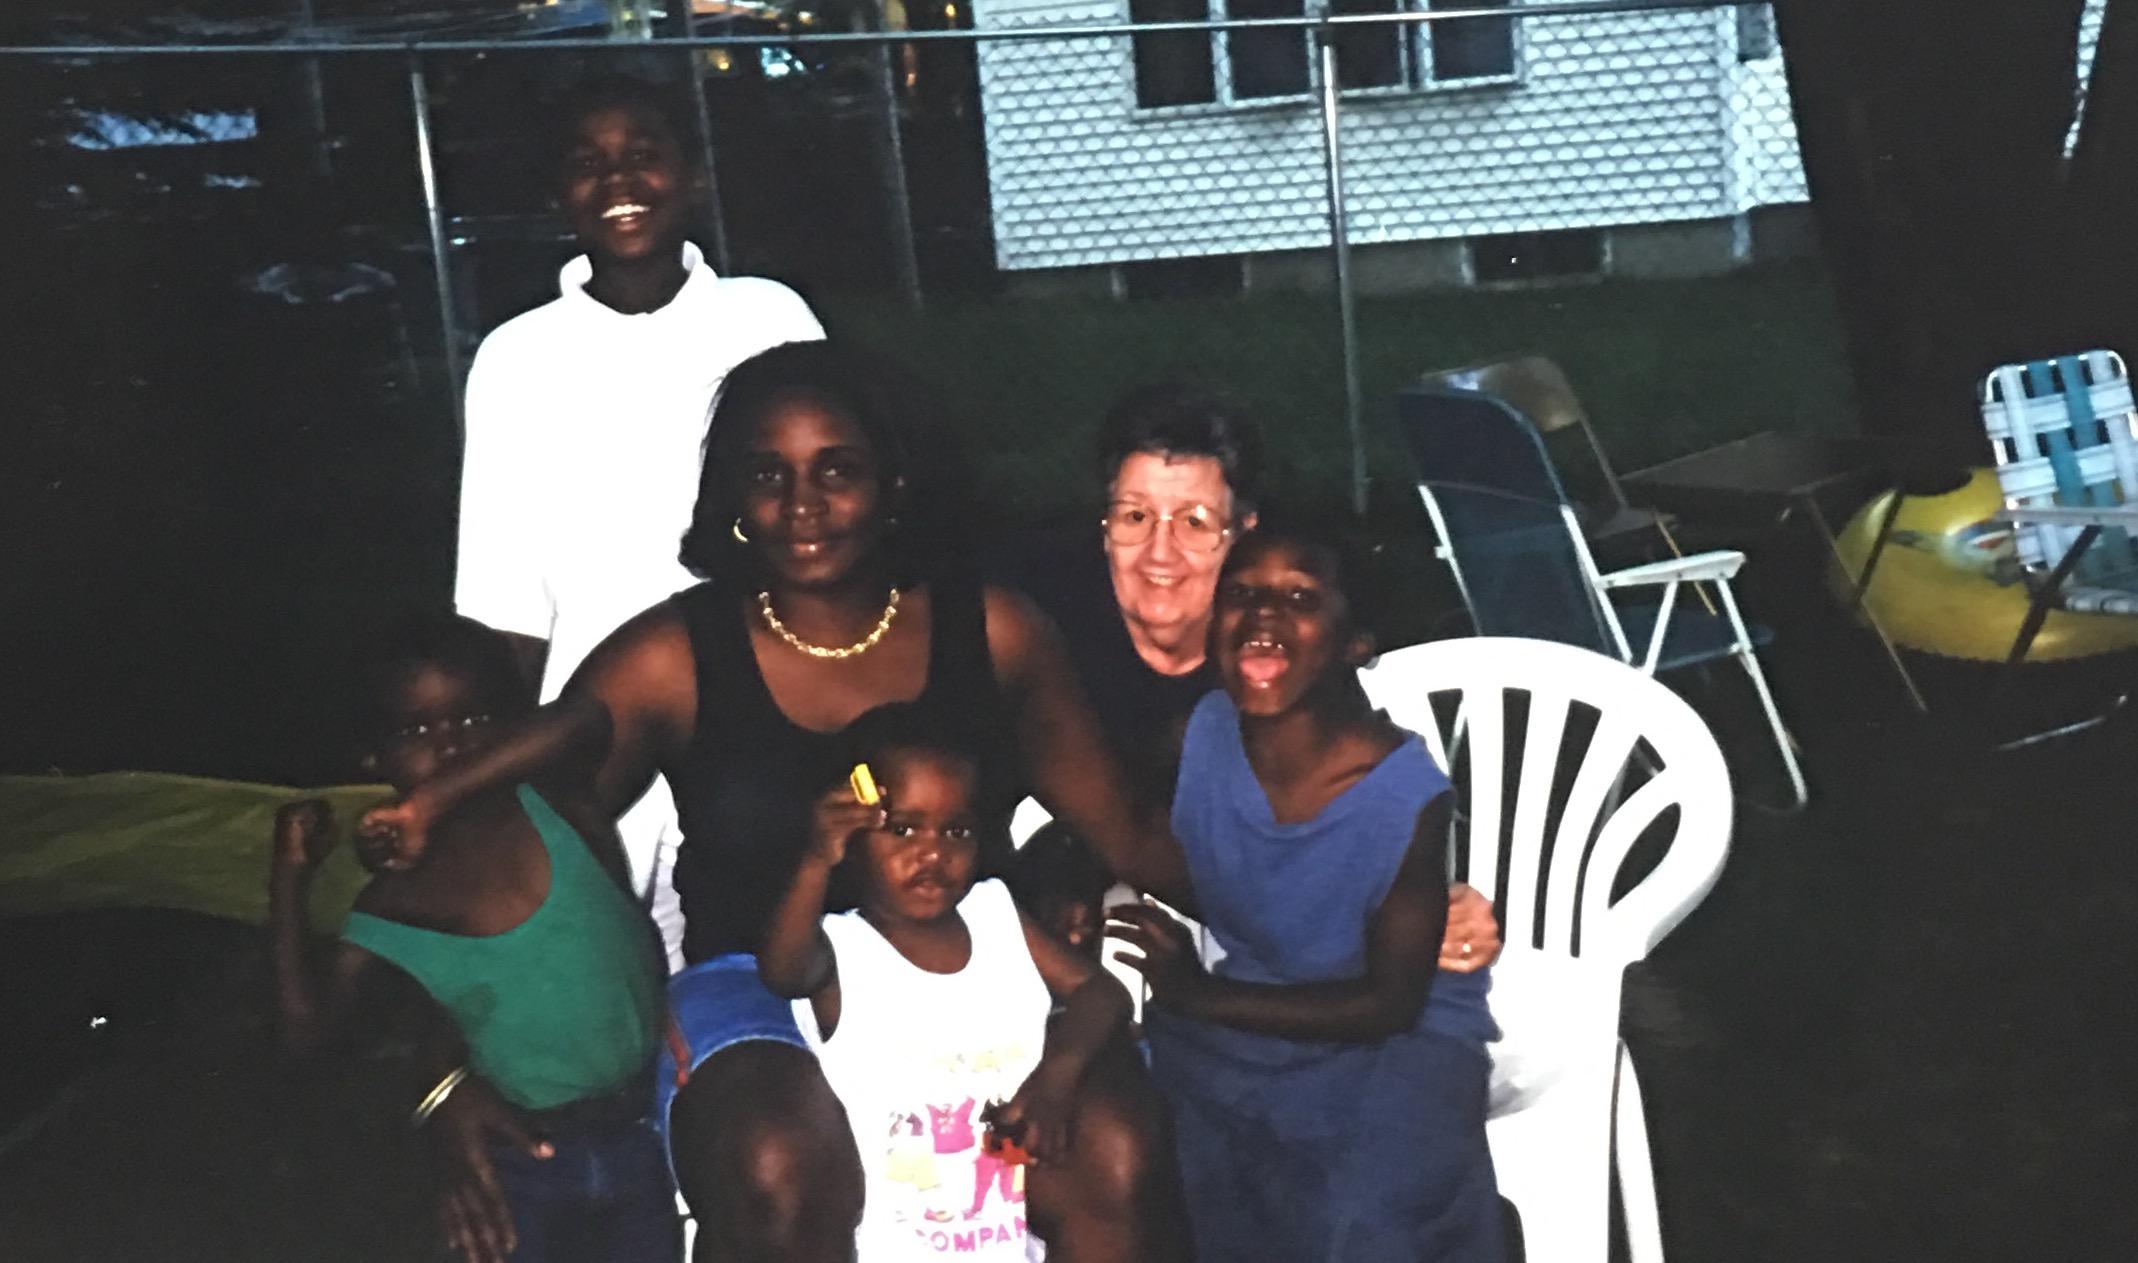 Mwano family